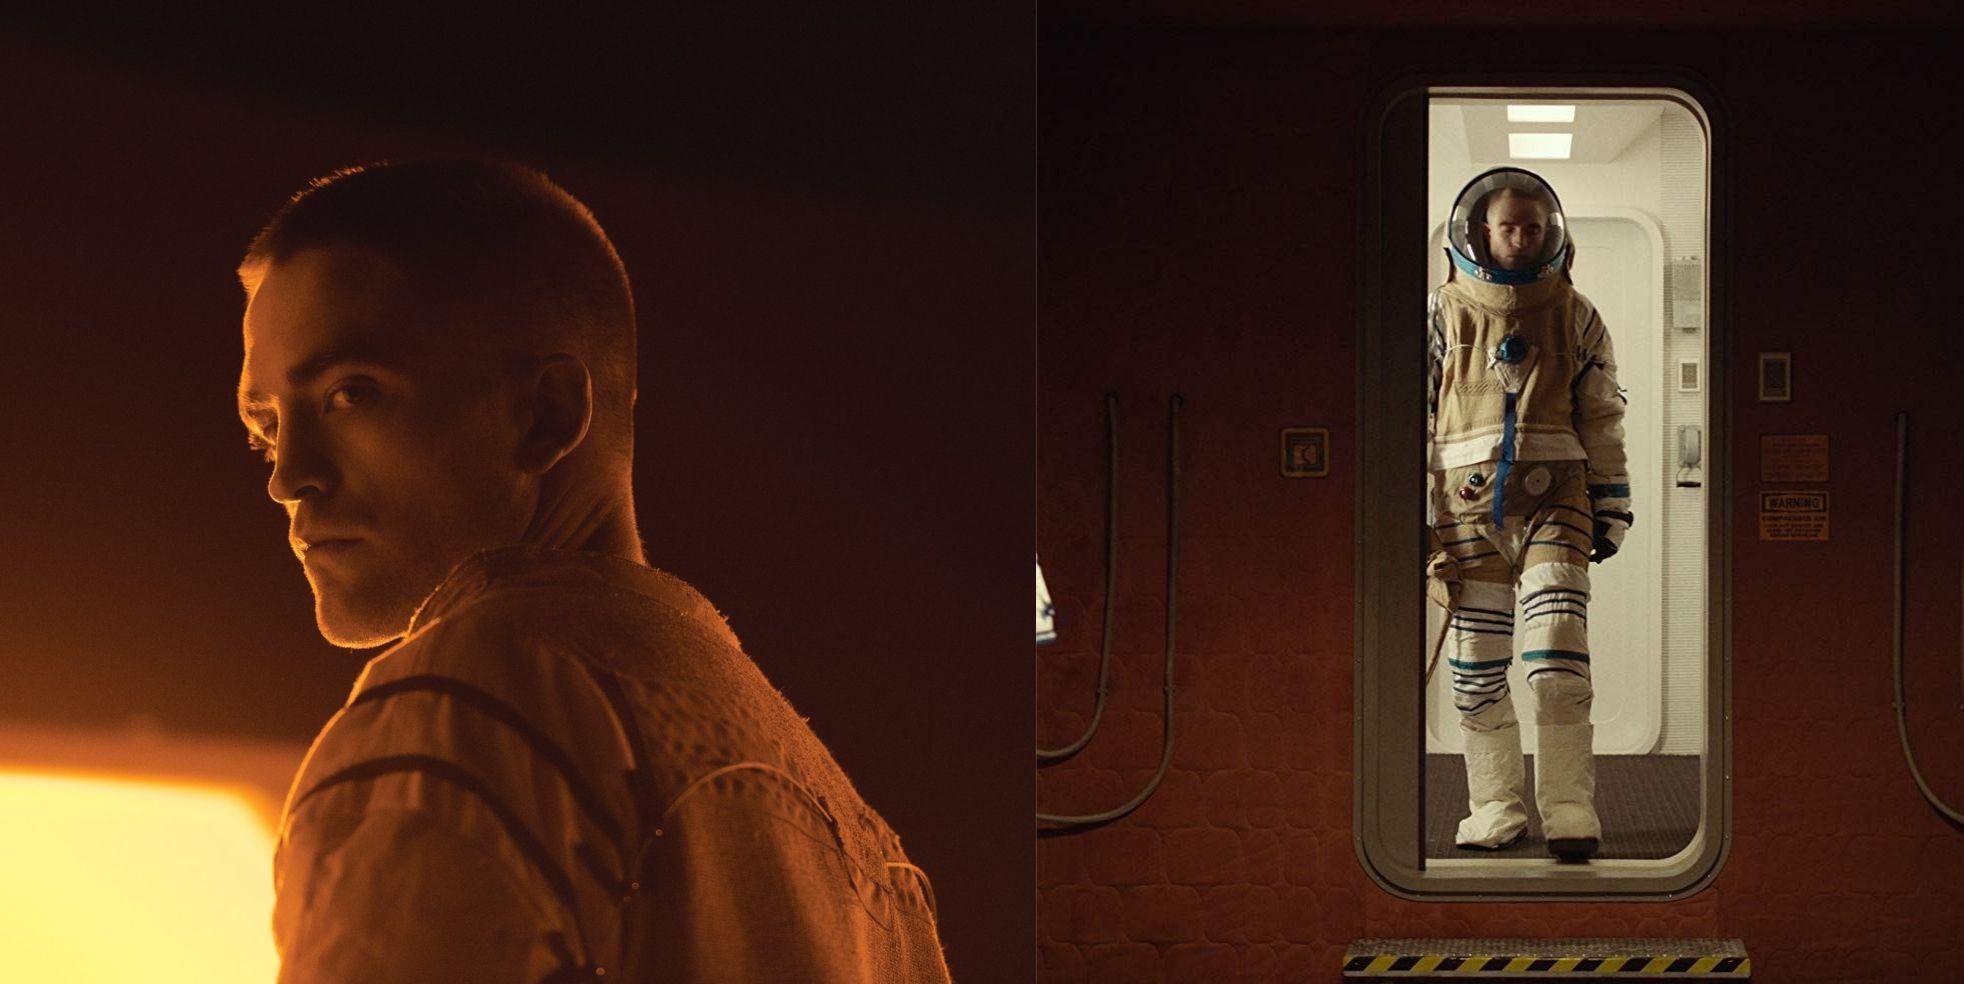 《暮光之城》羅伯派丁森首部科幻太空片《High Life》!一群死刑犯被送上太空進行「繁殖實驗」劇情超黑暗!